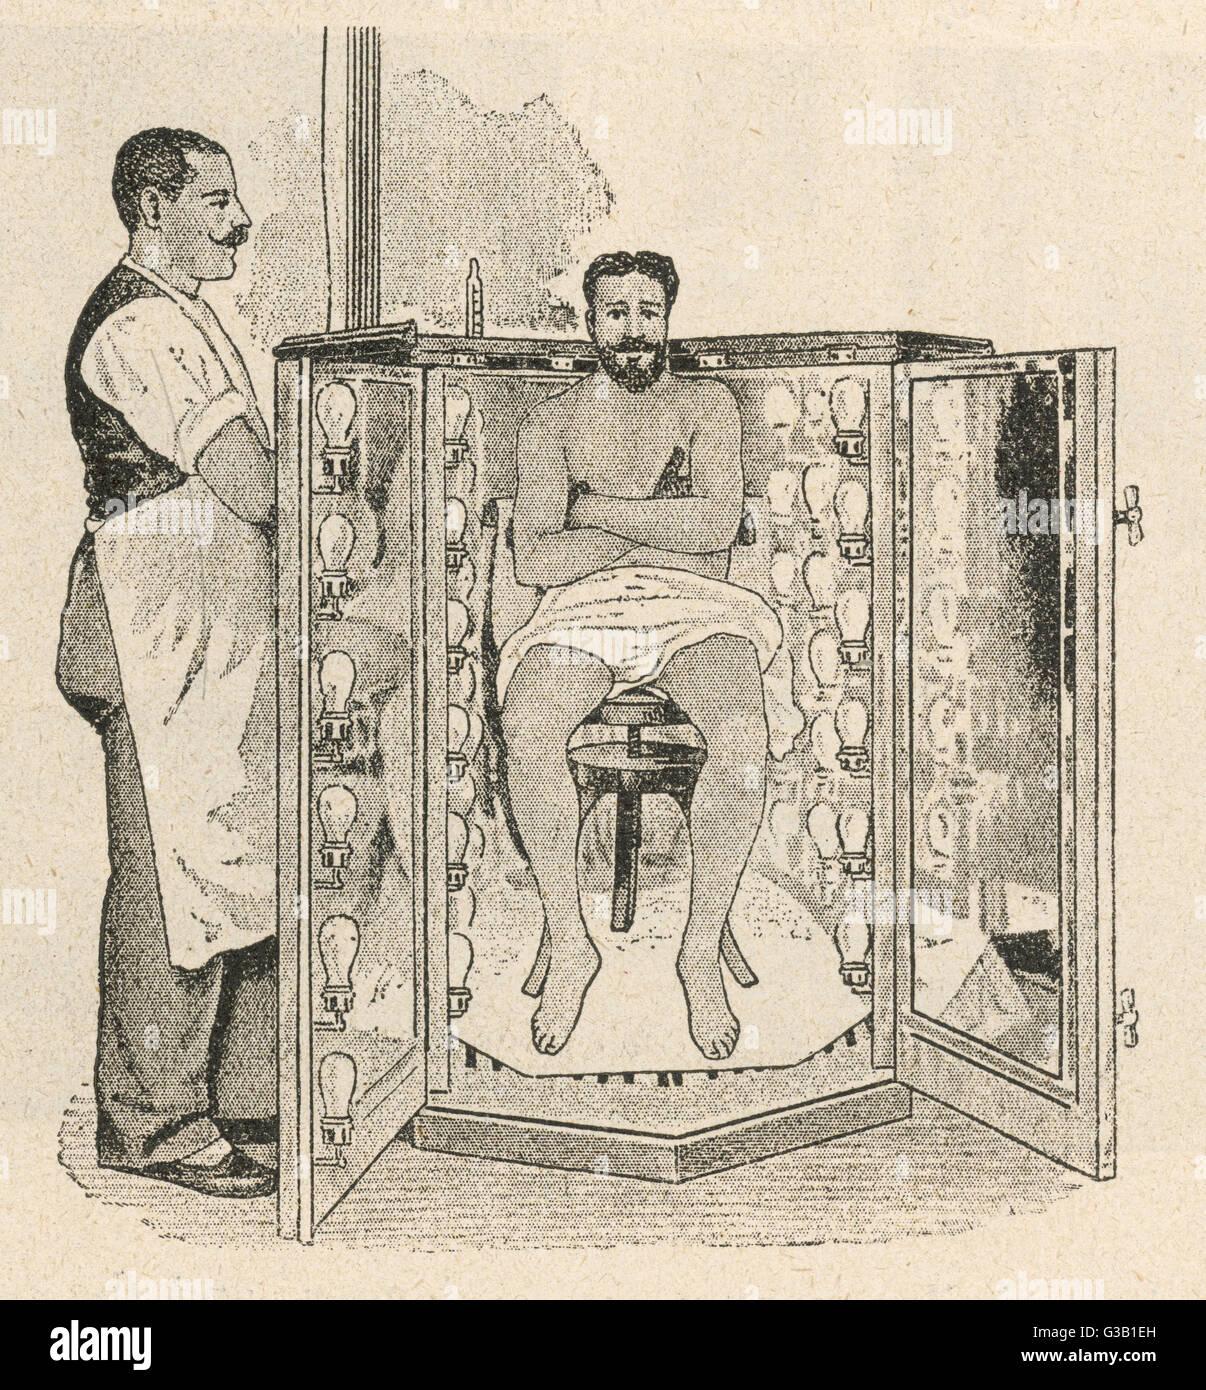 """Un baño de luz eléctrica en el Sanatorio Bilz, Berlín. """"La copiosa transpiración fomenta Imagen De Stock"""